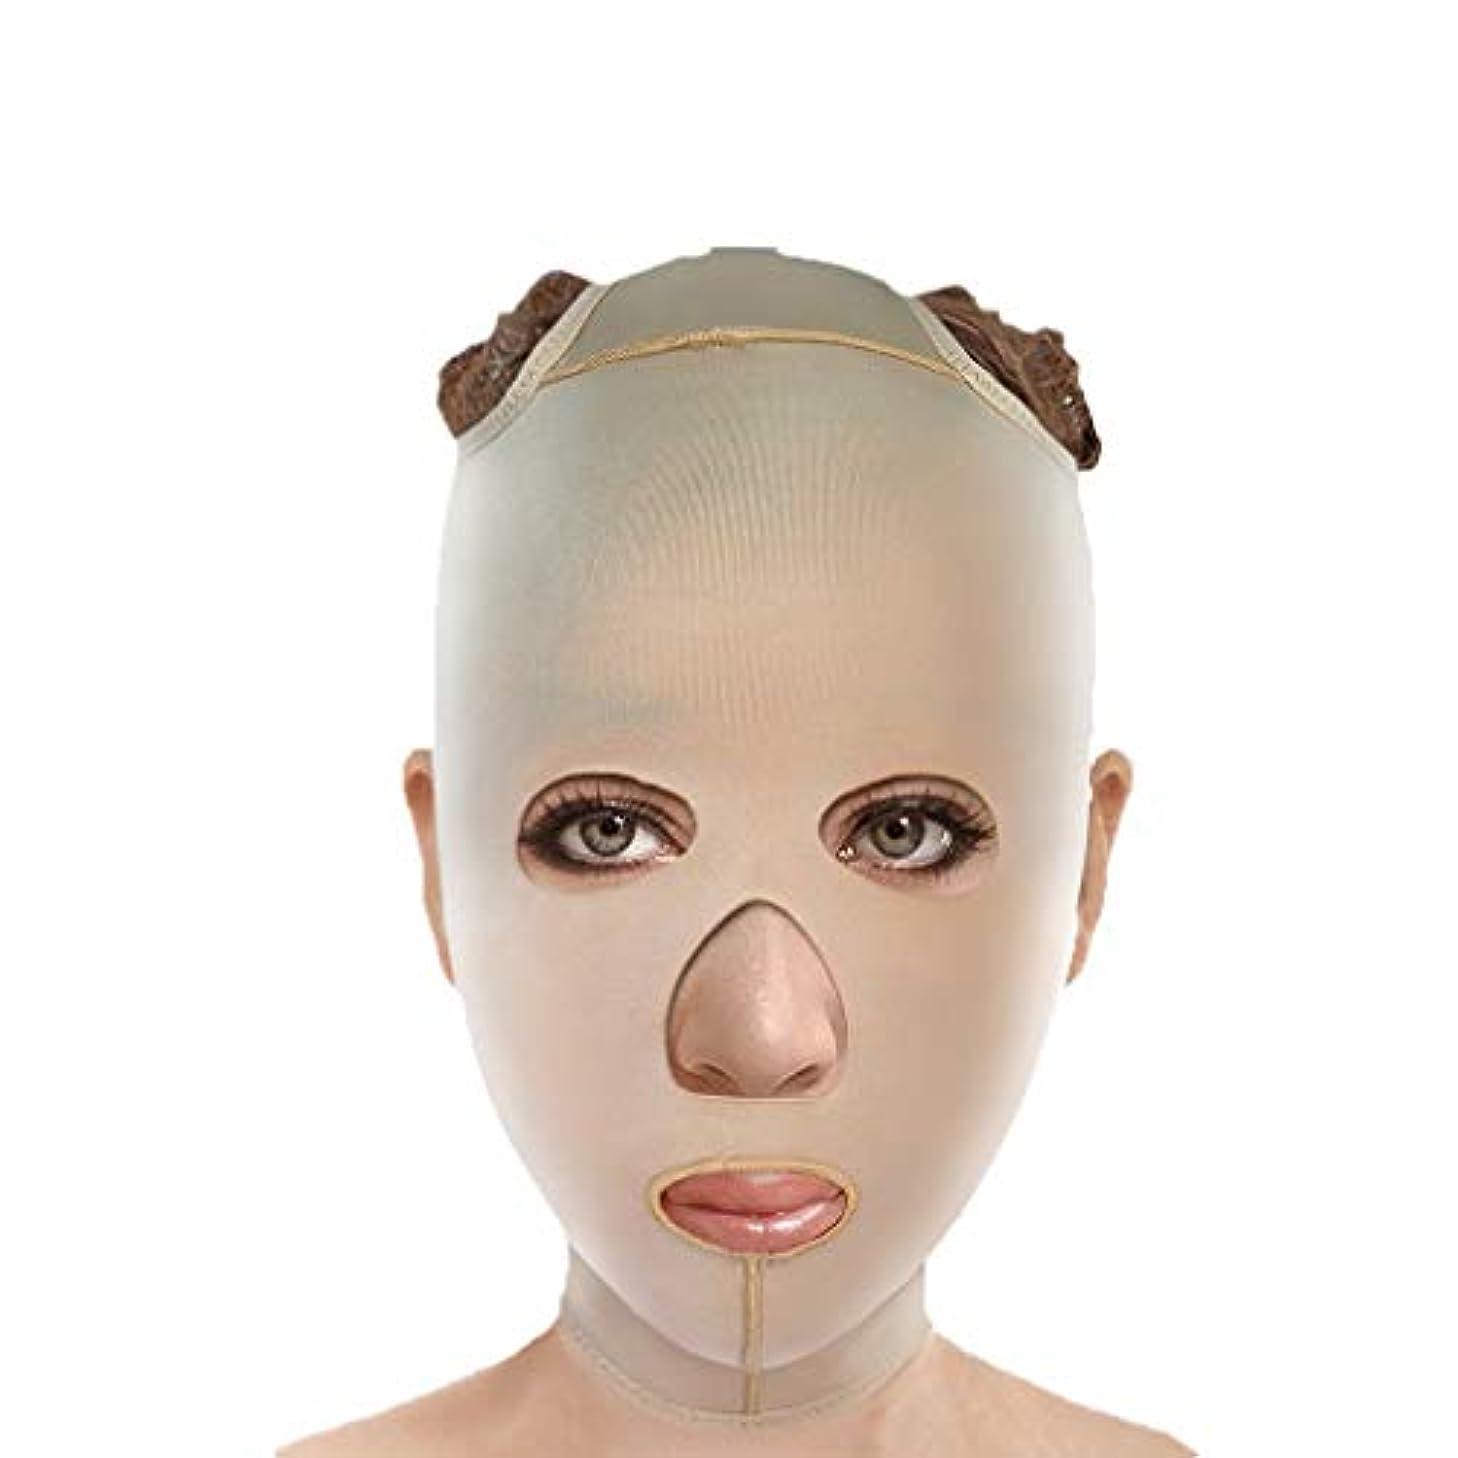 真剣に正当な前XHLMRMJ あごのストラップ、フェイスリフティング、アンチエイジングフェイシャルバンデージ、フェイシャル減量マスク、ファーミングマスク、フェイシャルリフティングアーティファクト (Size : L)